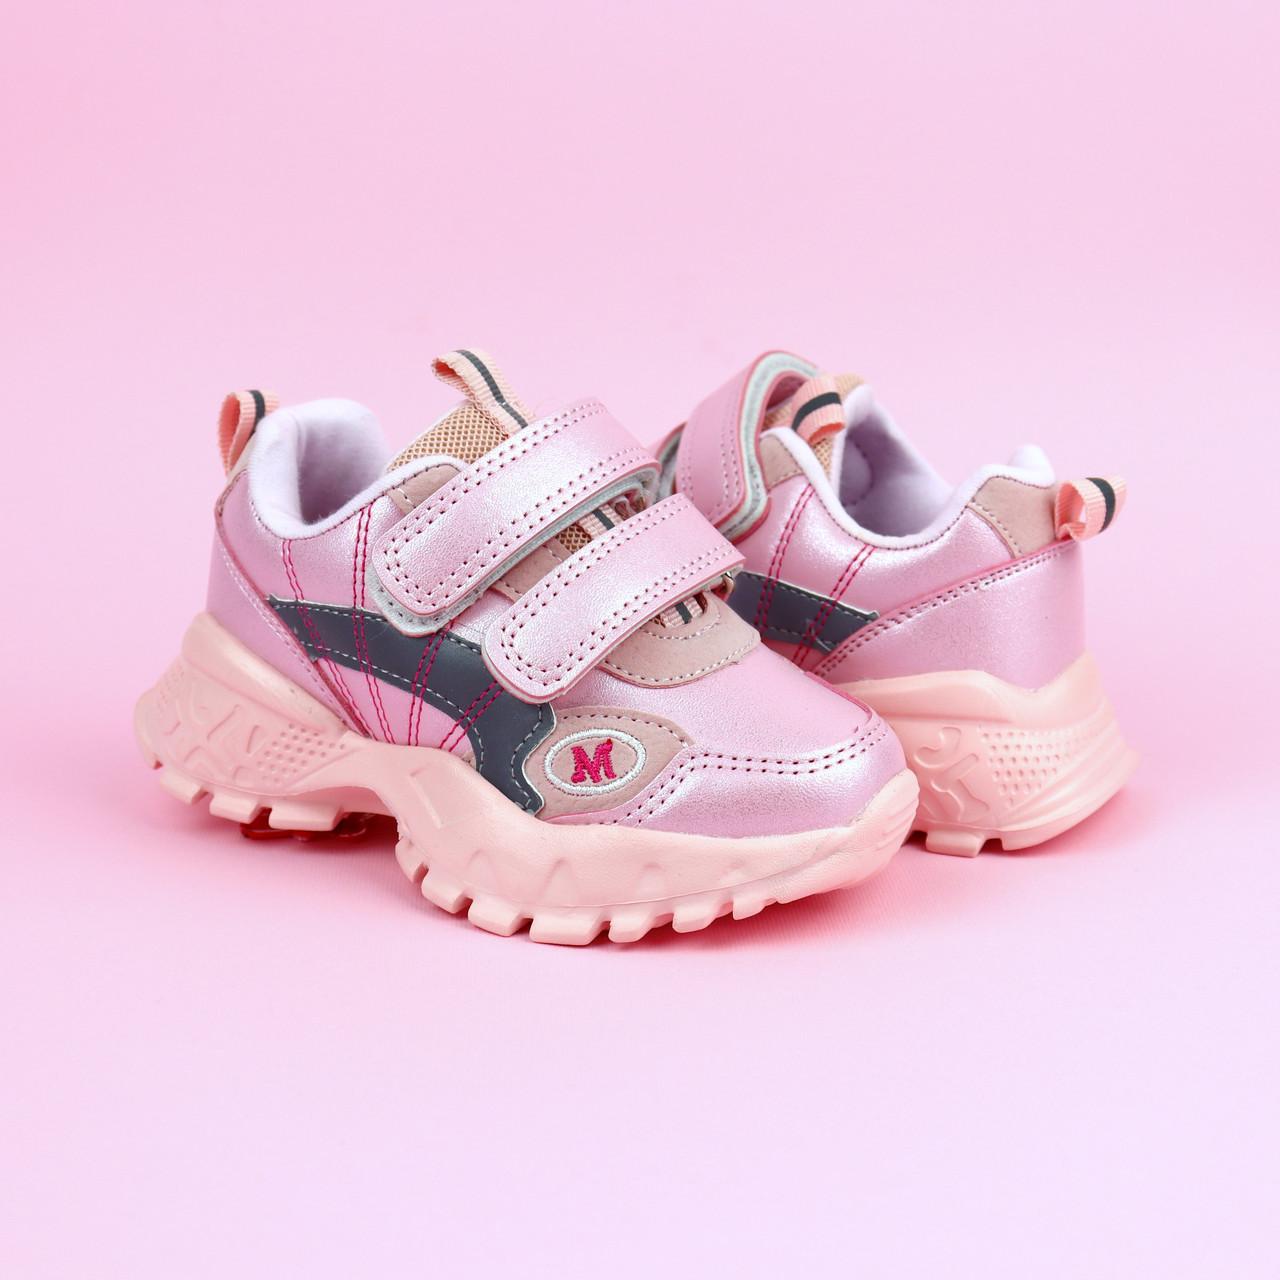 7889C Детские кроссовки для девочки розовые тм Tom.M размер 22,23,24